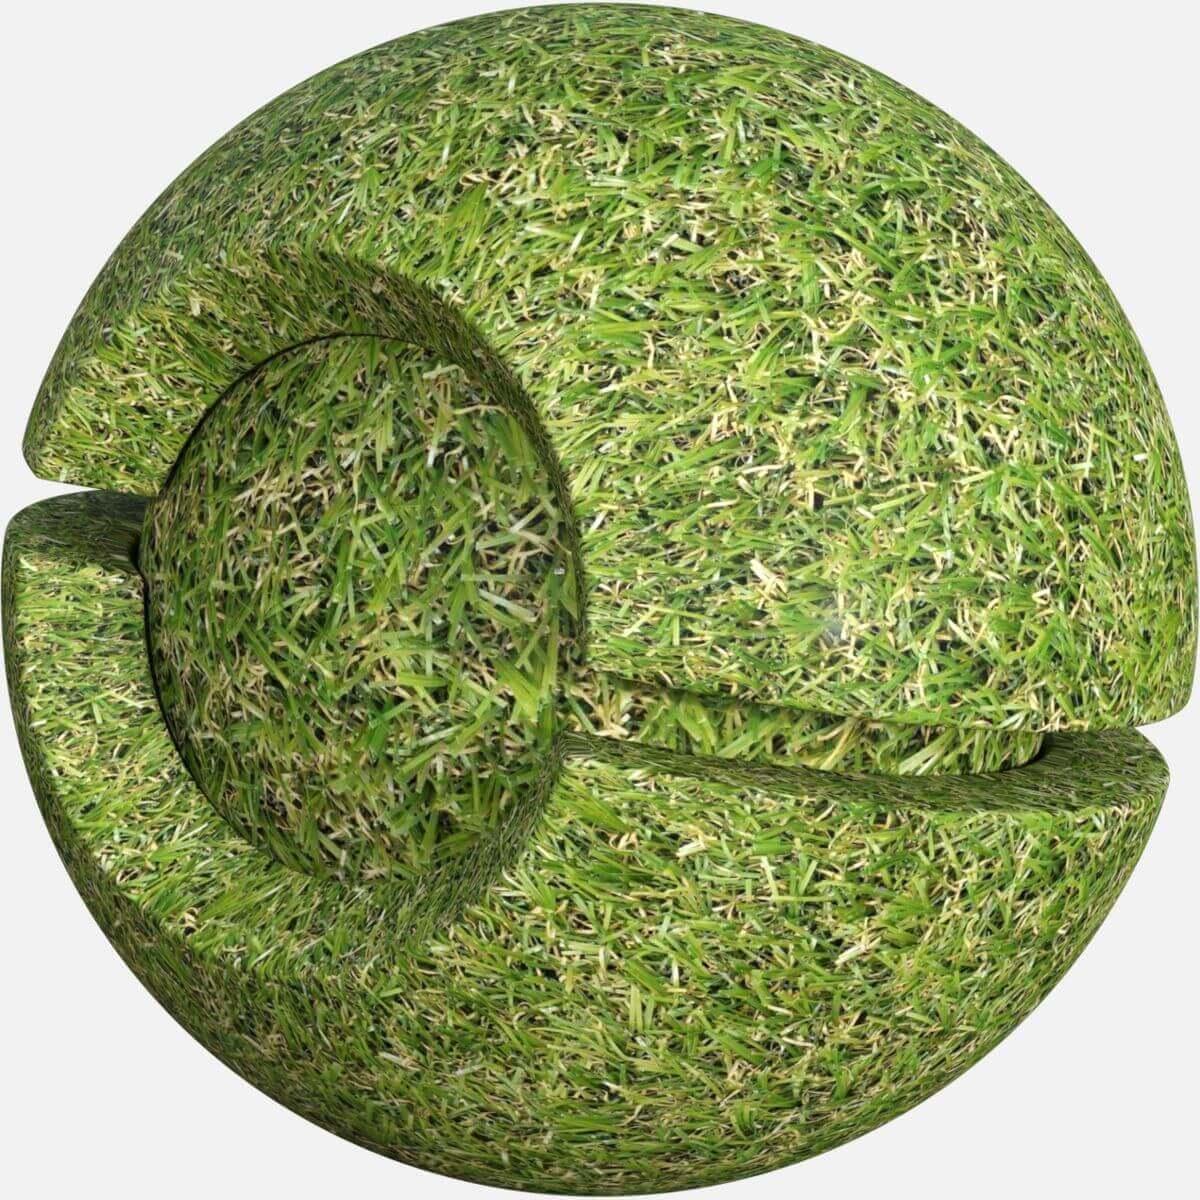 Lawn Grass Seamless Texture